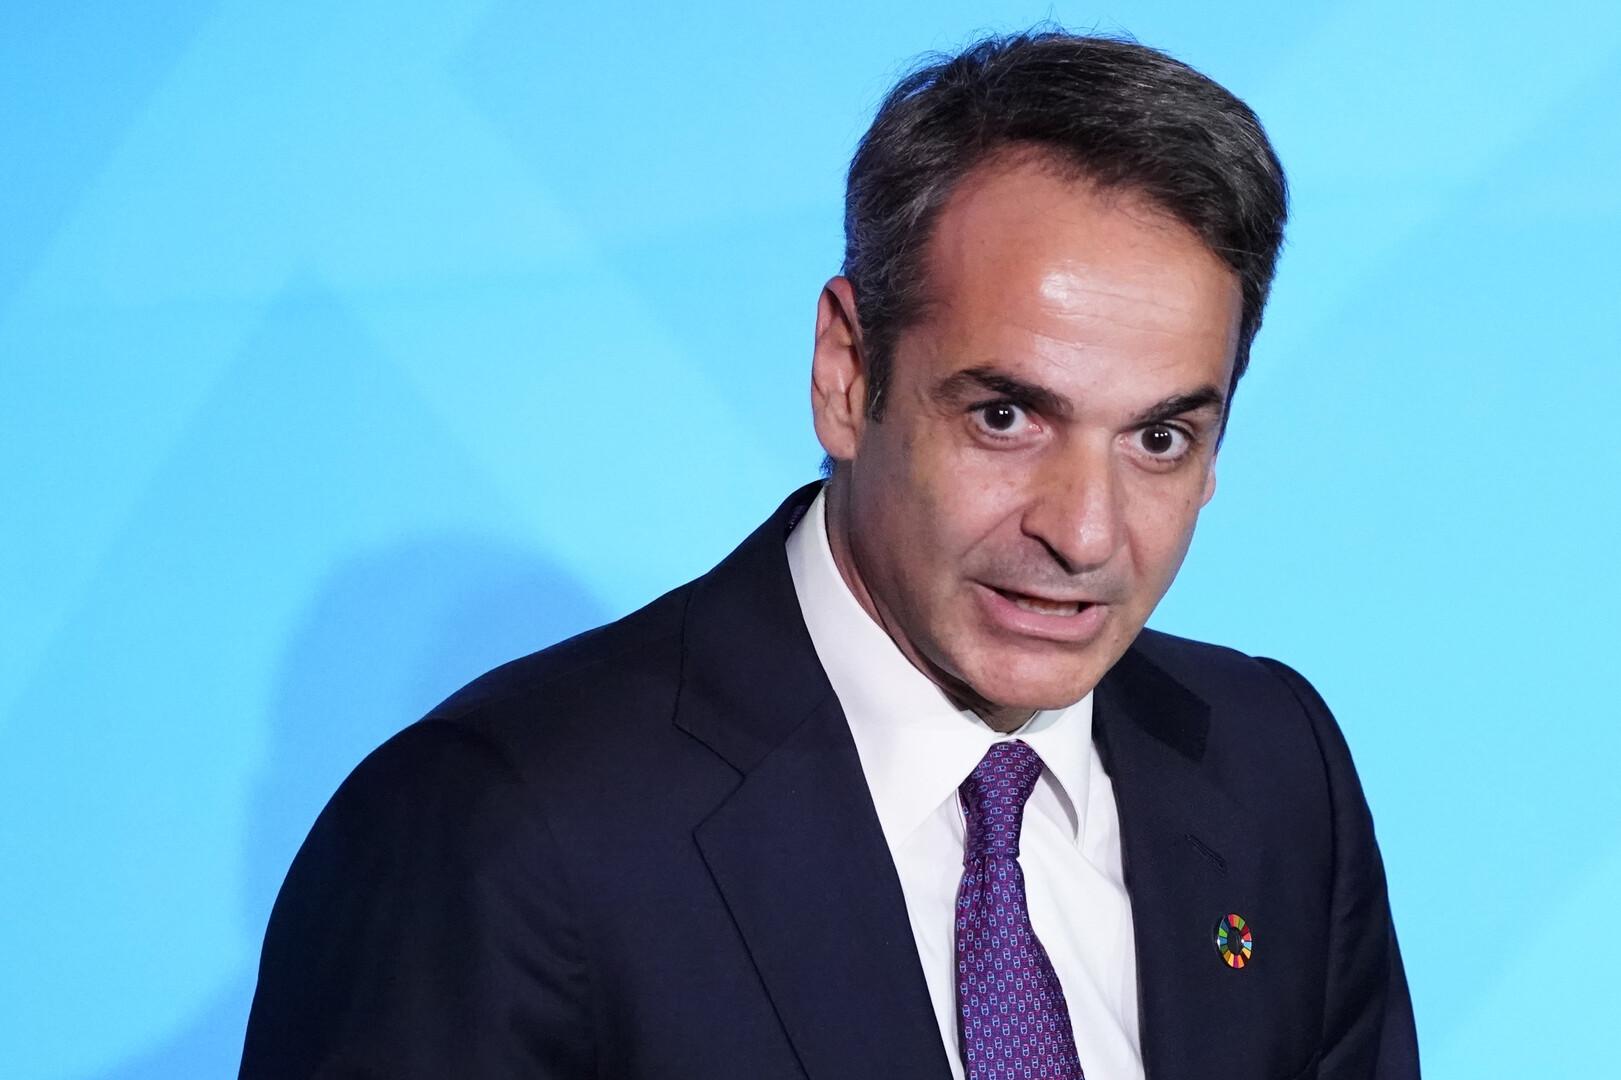 رئيس وزراء اليونان، كيرياكوس ميتسوتاكيس